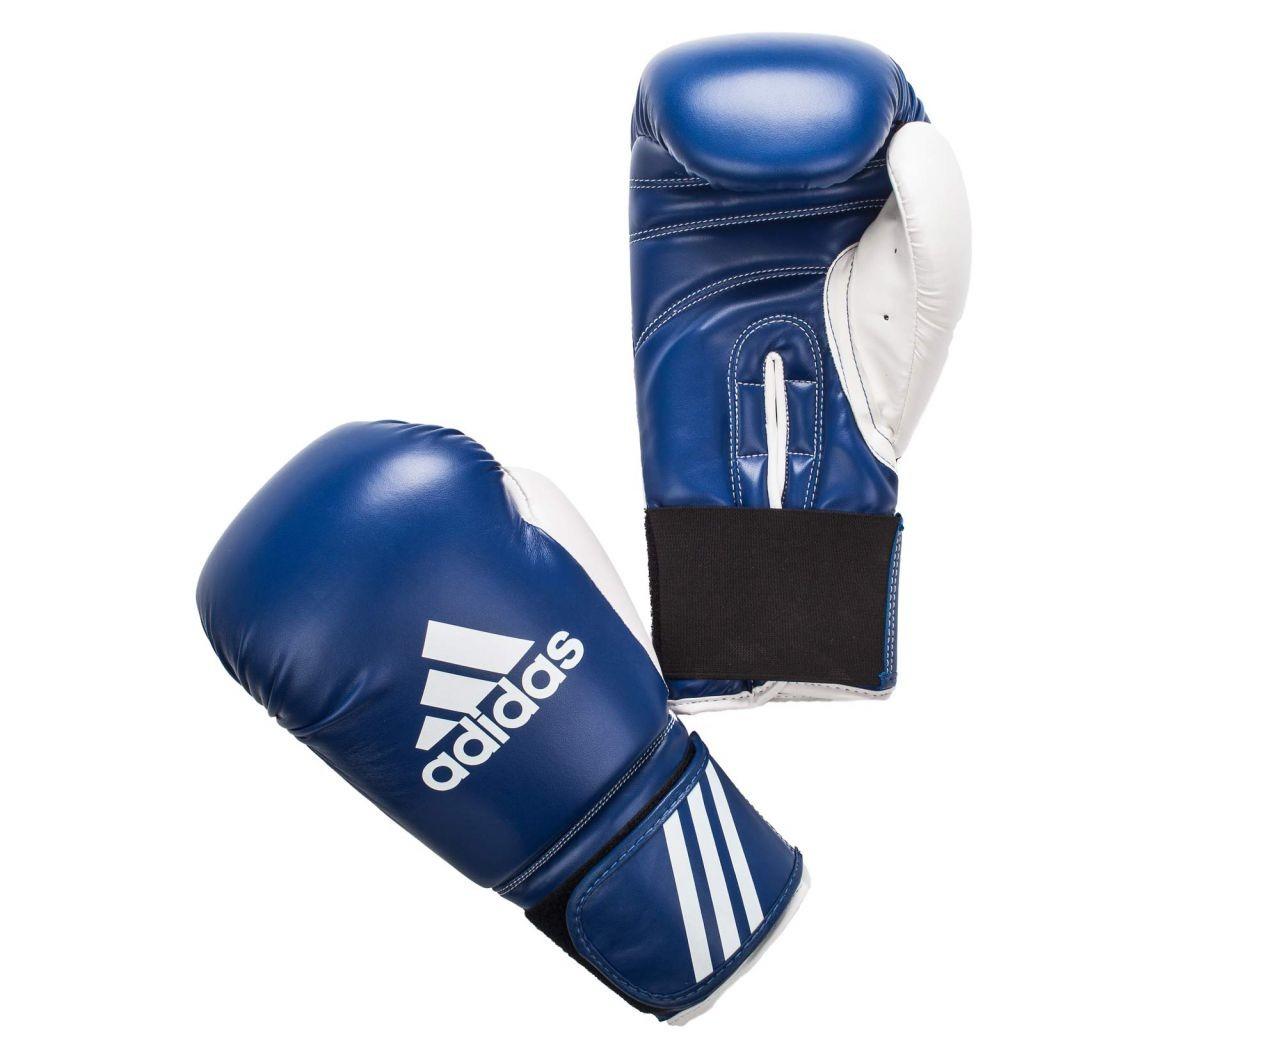 Перчатки боксерские adidas response adibt0 white blue